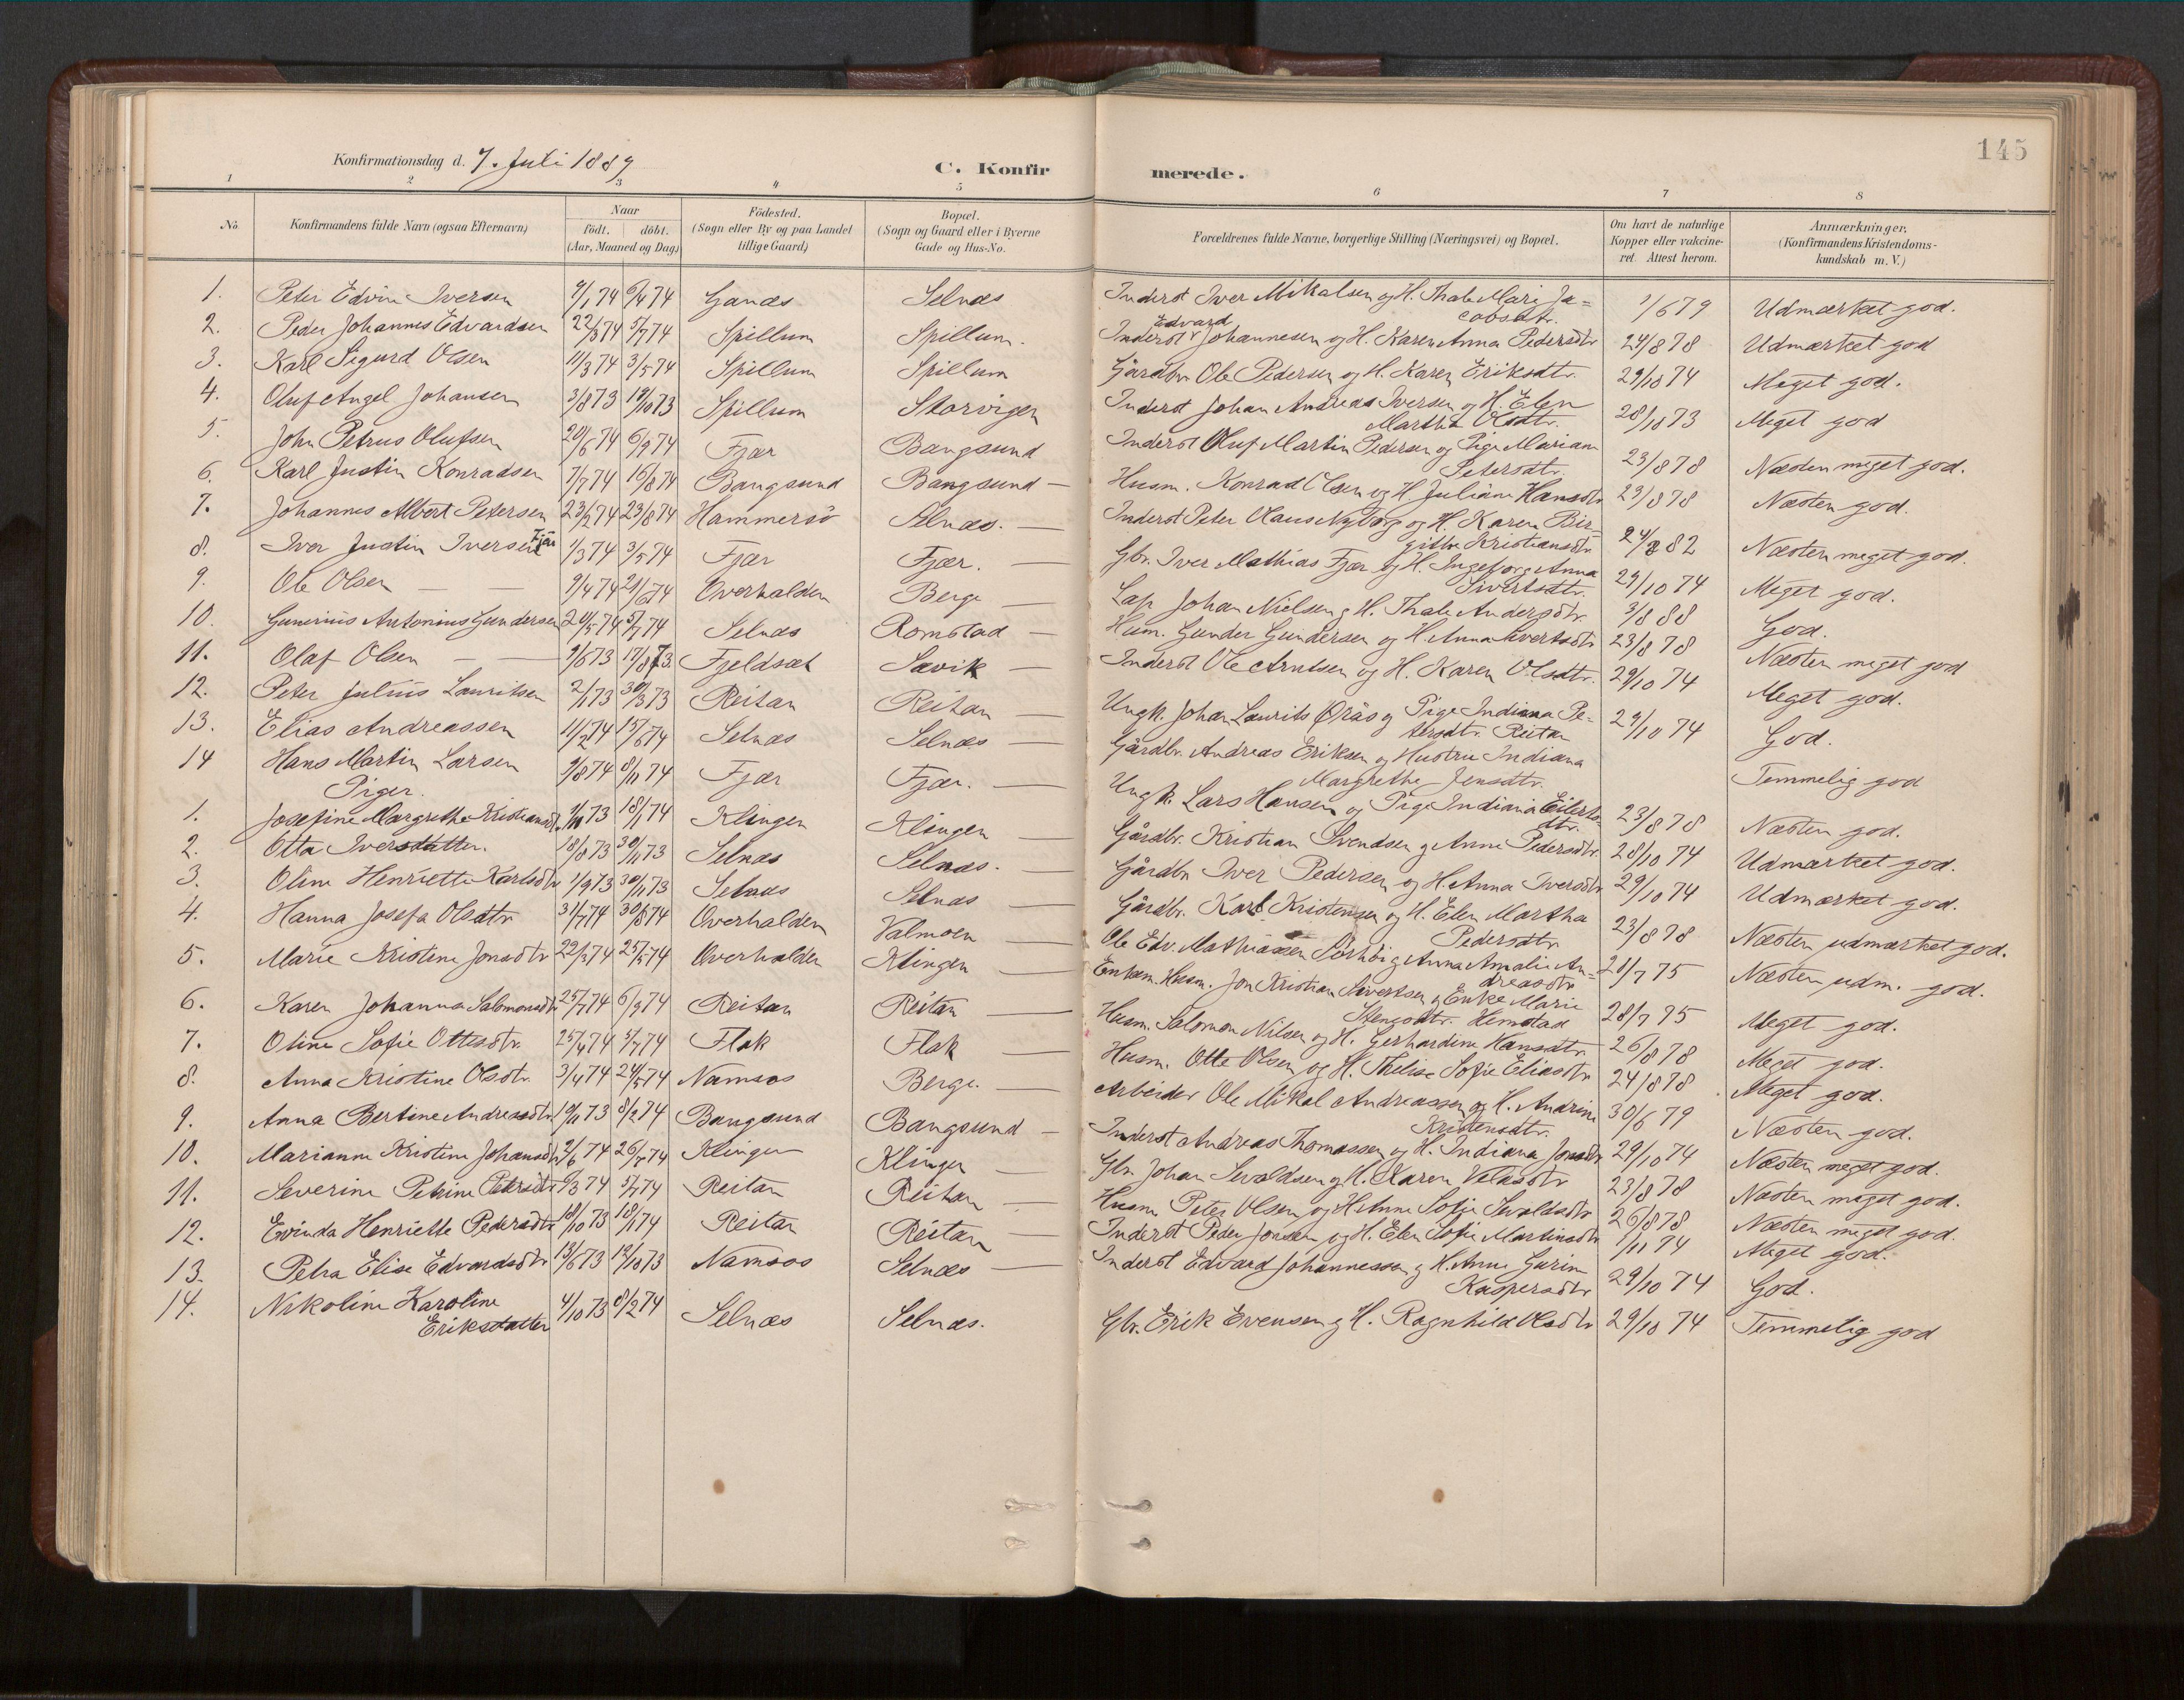 SAT, Ministerialprotokoller, klokkerbøker og fødselsregistre - Nord-Trøndelag, 770/L0589: Ministerialbok nr. 770A03, 1887-1929, s. 145